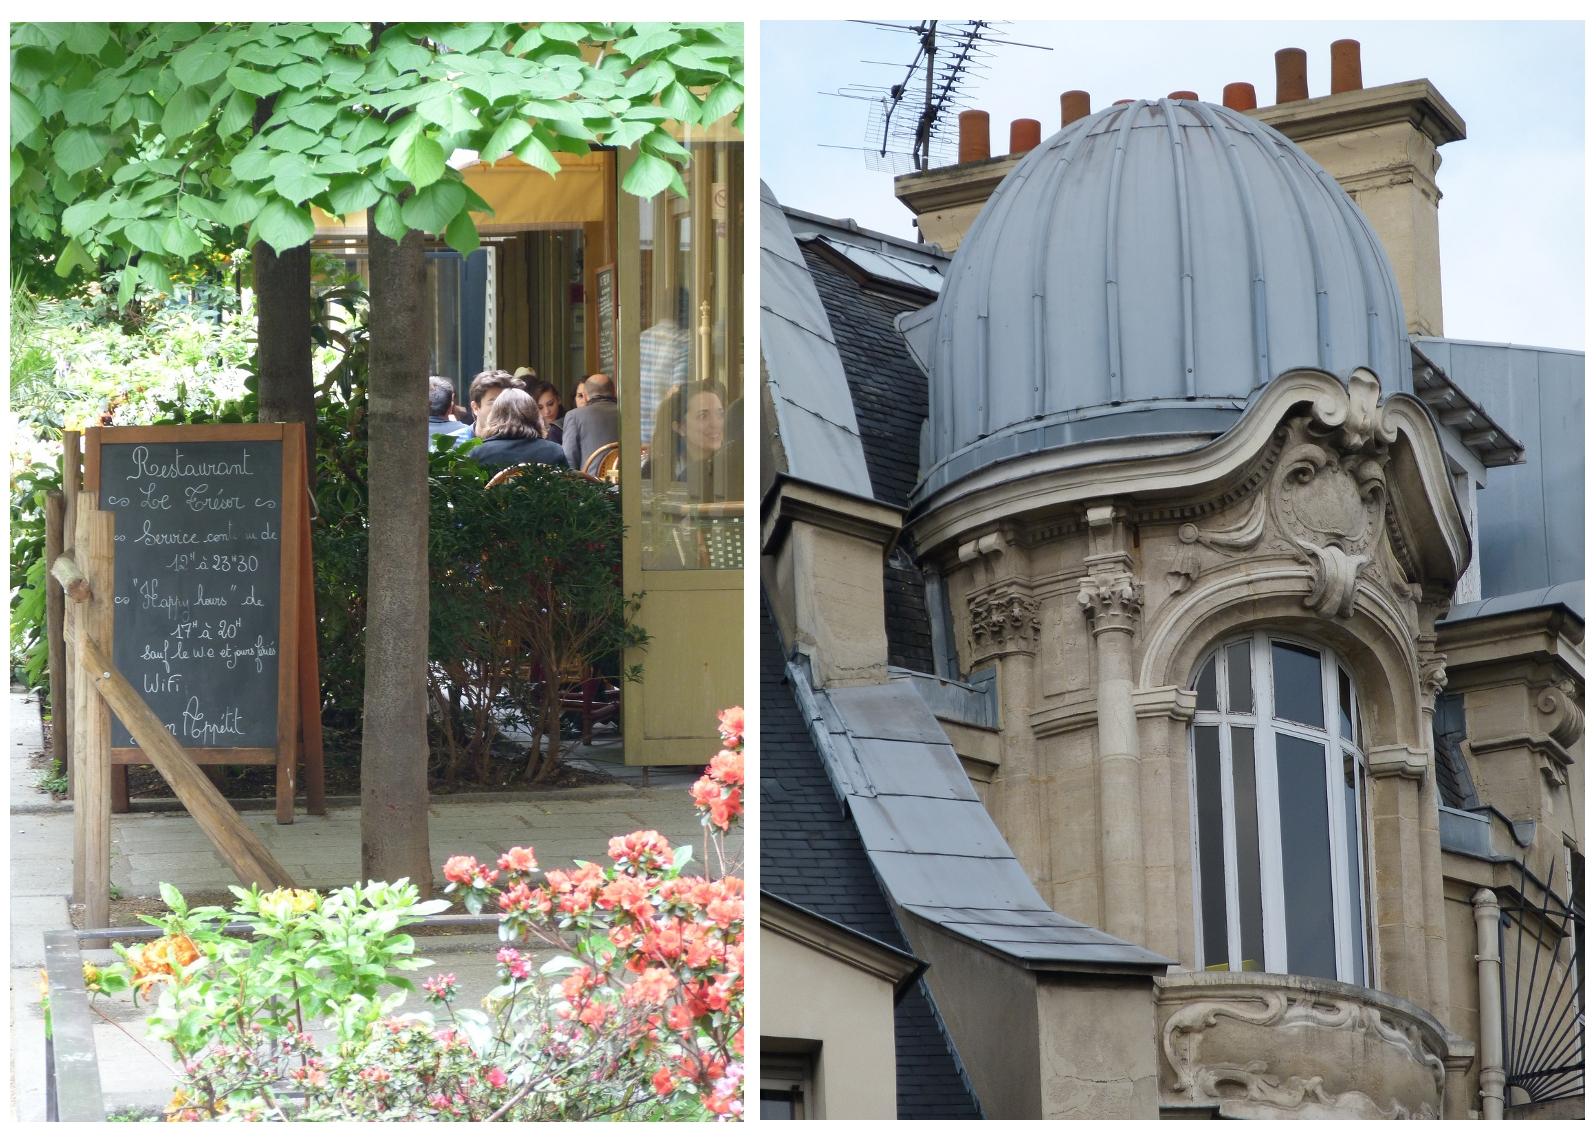 Paris Loves Tourists!